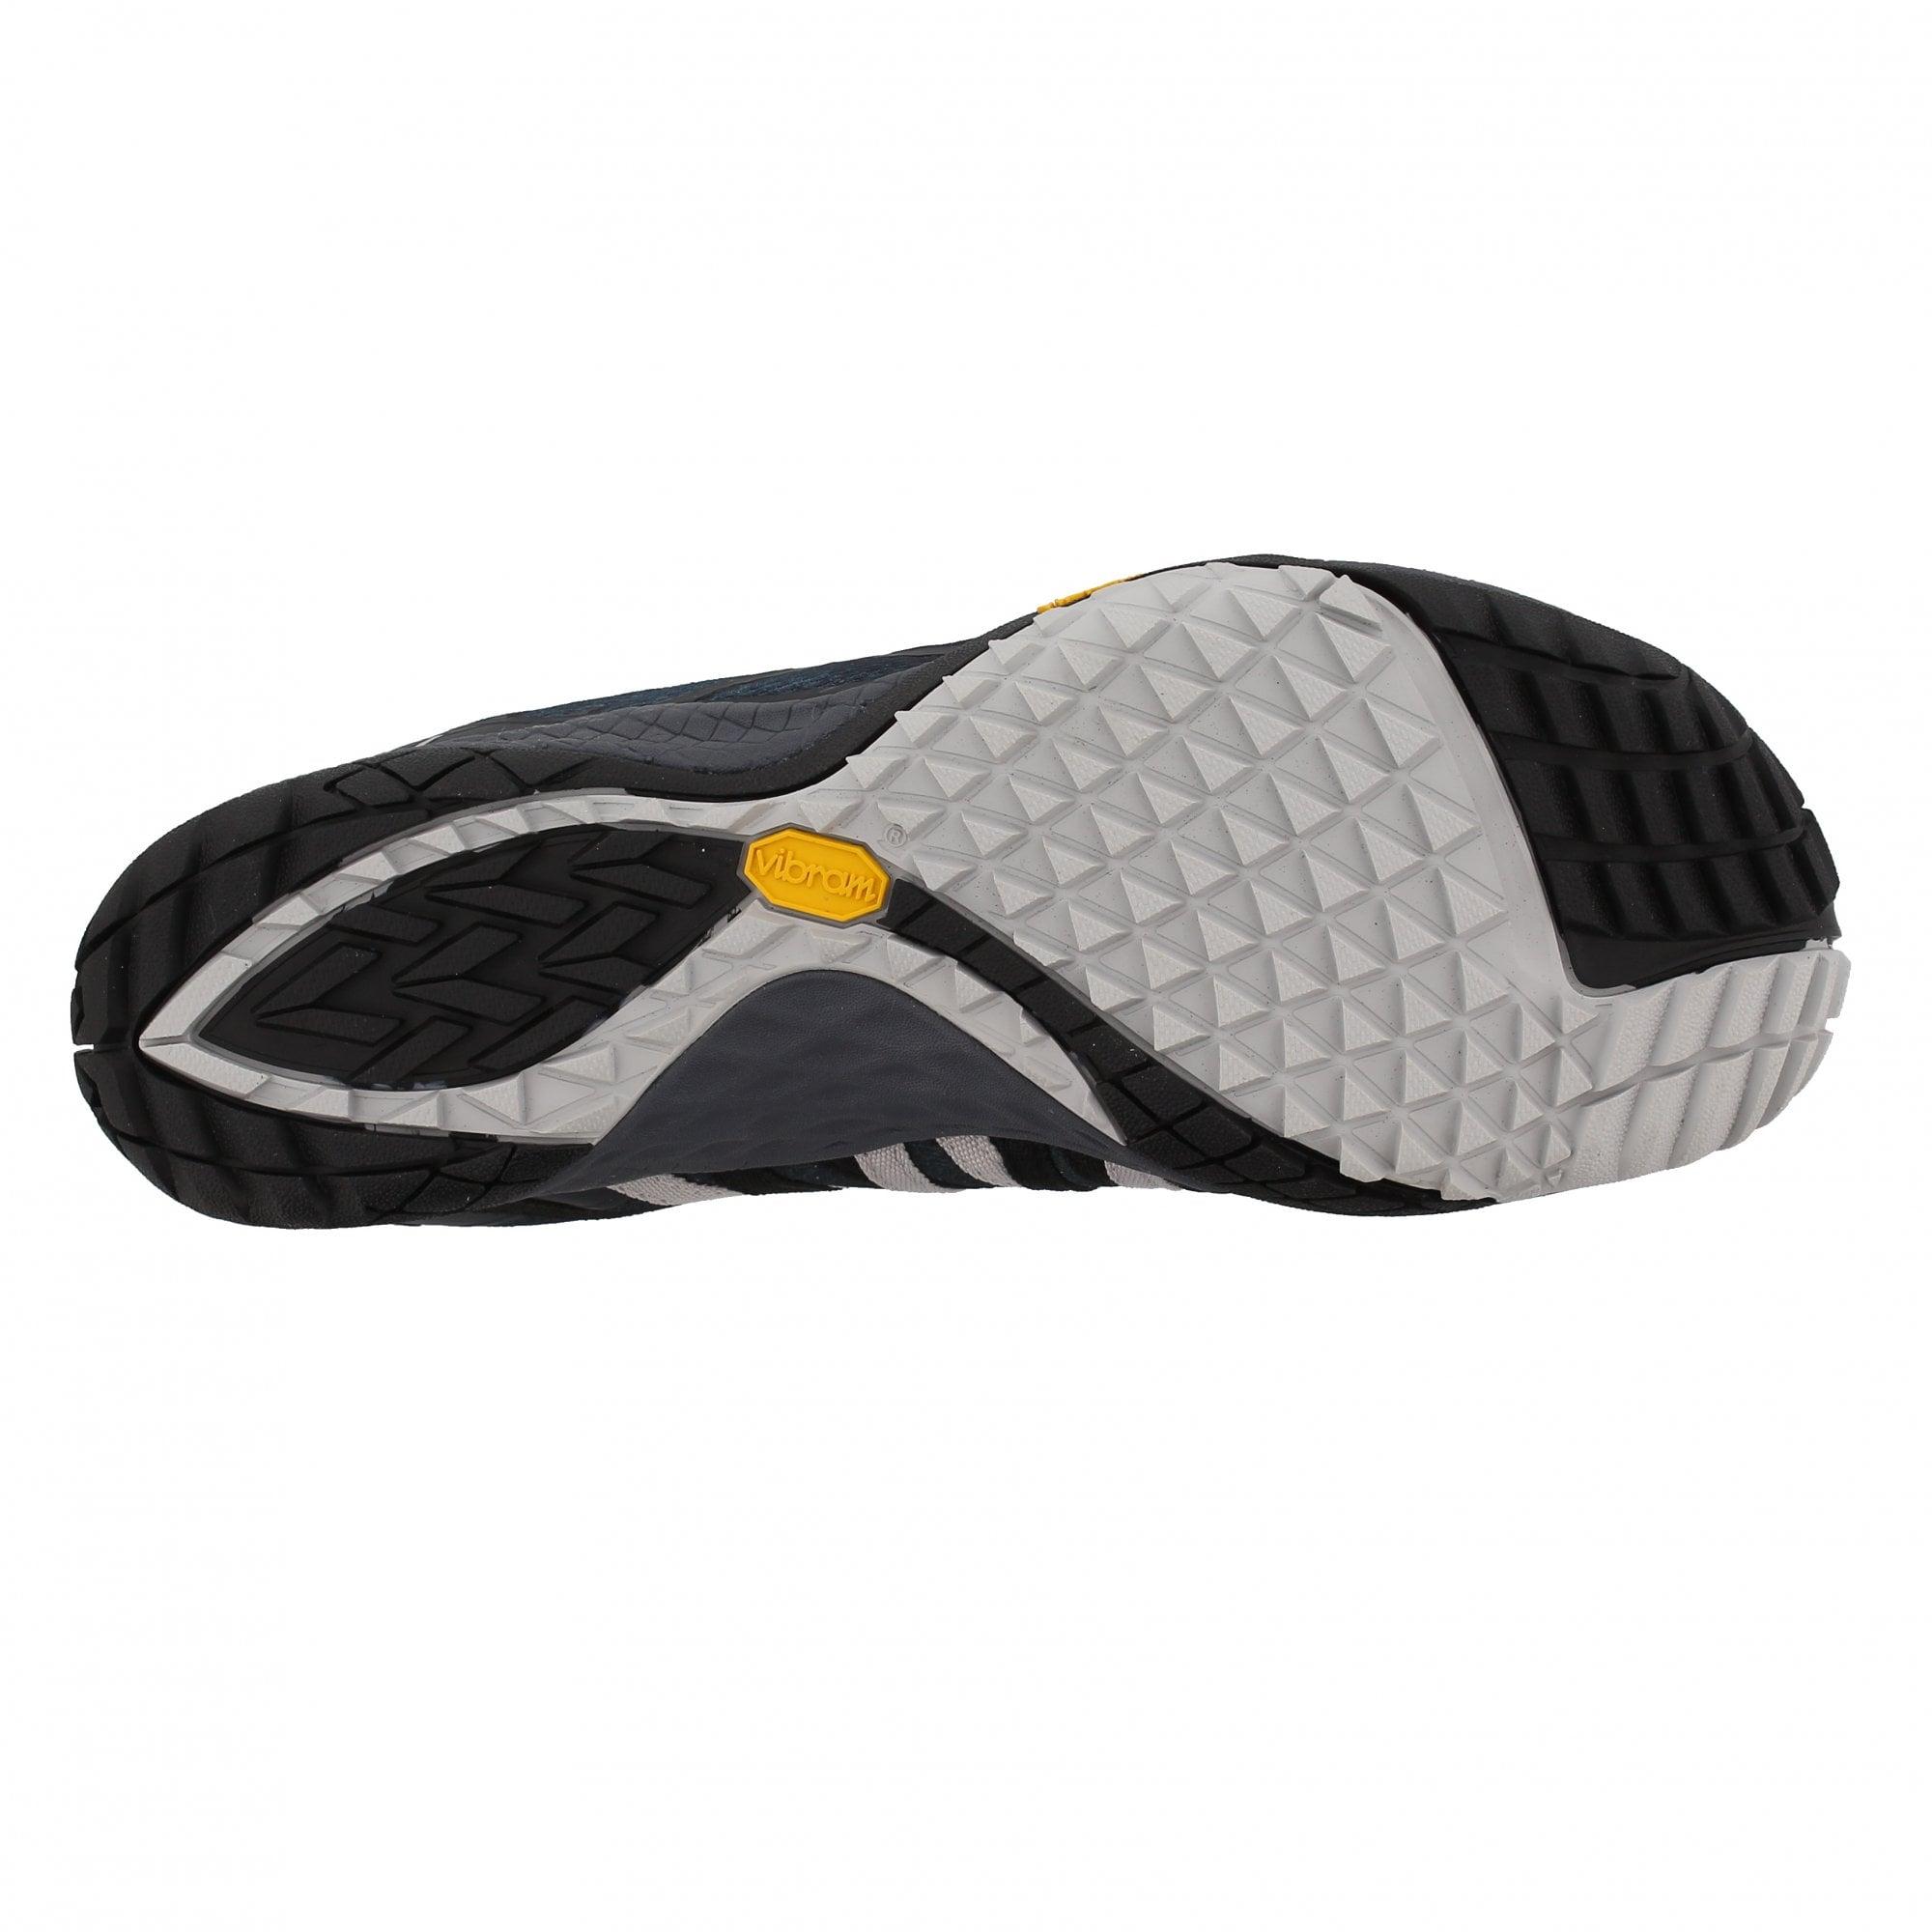 reputable site 6e204 c8d41 Trail Glove 4 | J77702